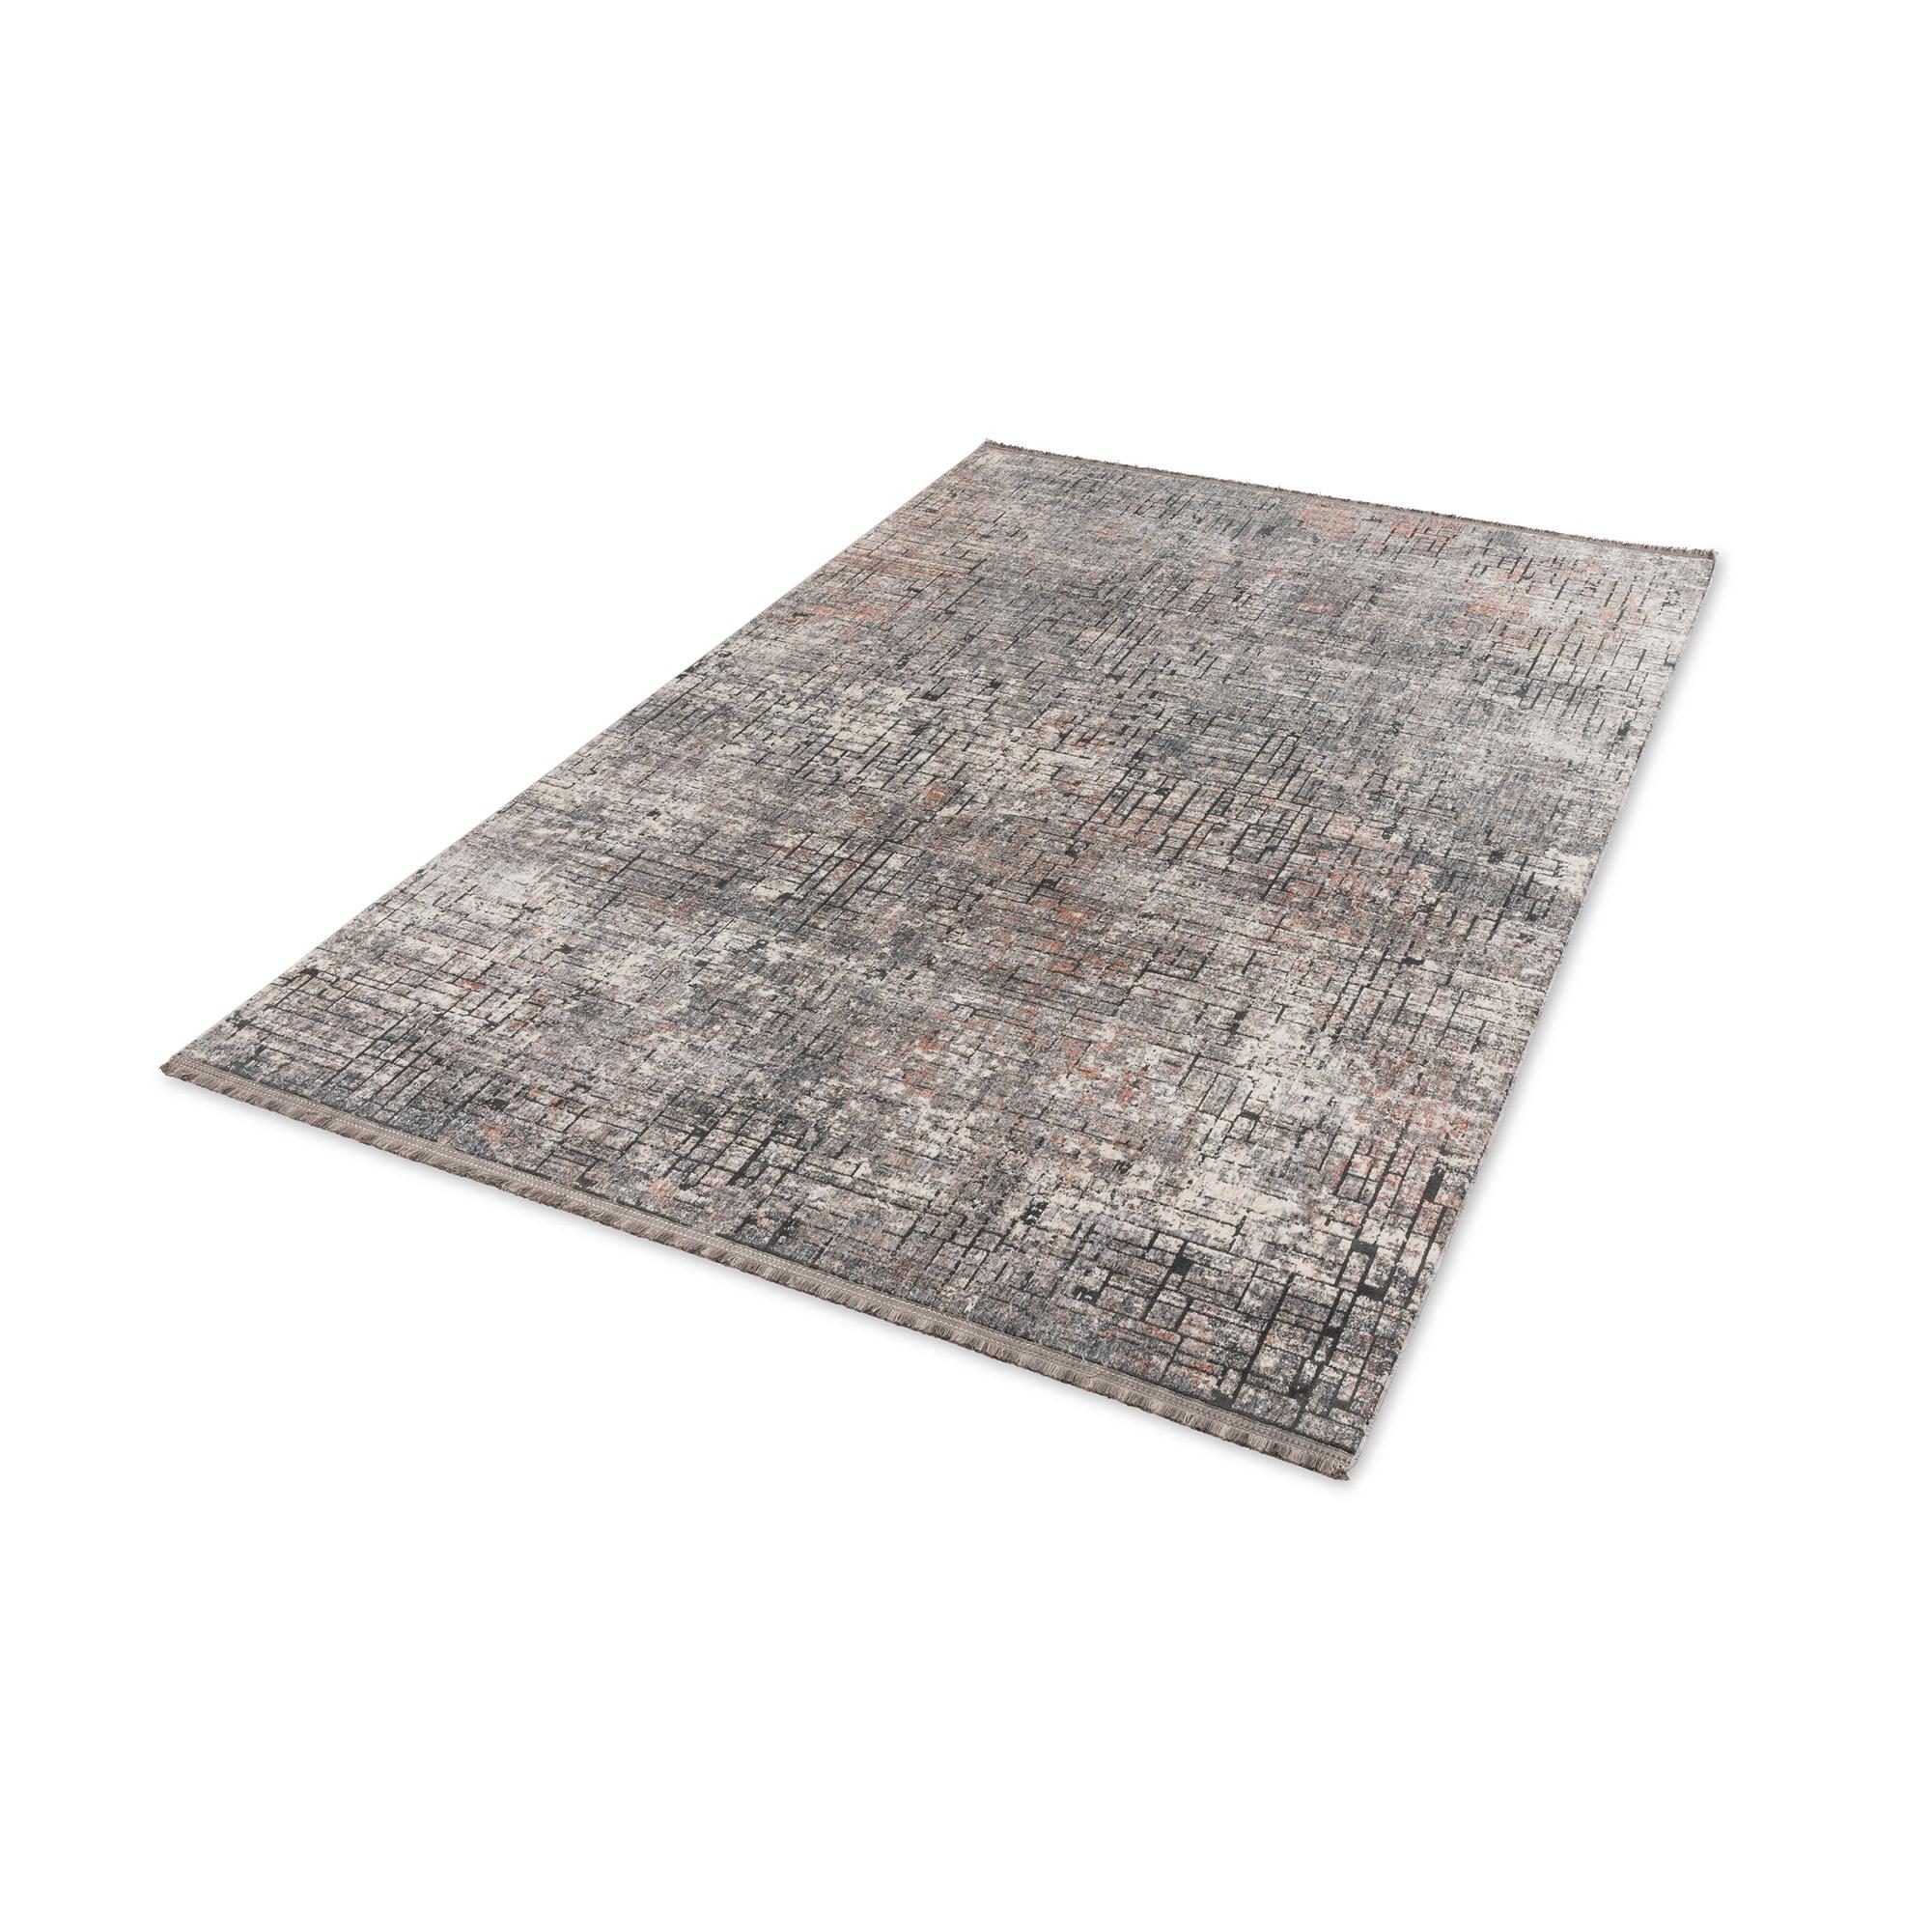 Sarezzo Teppich 80x150 cm